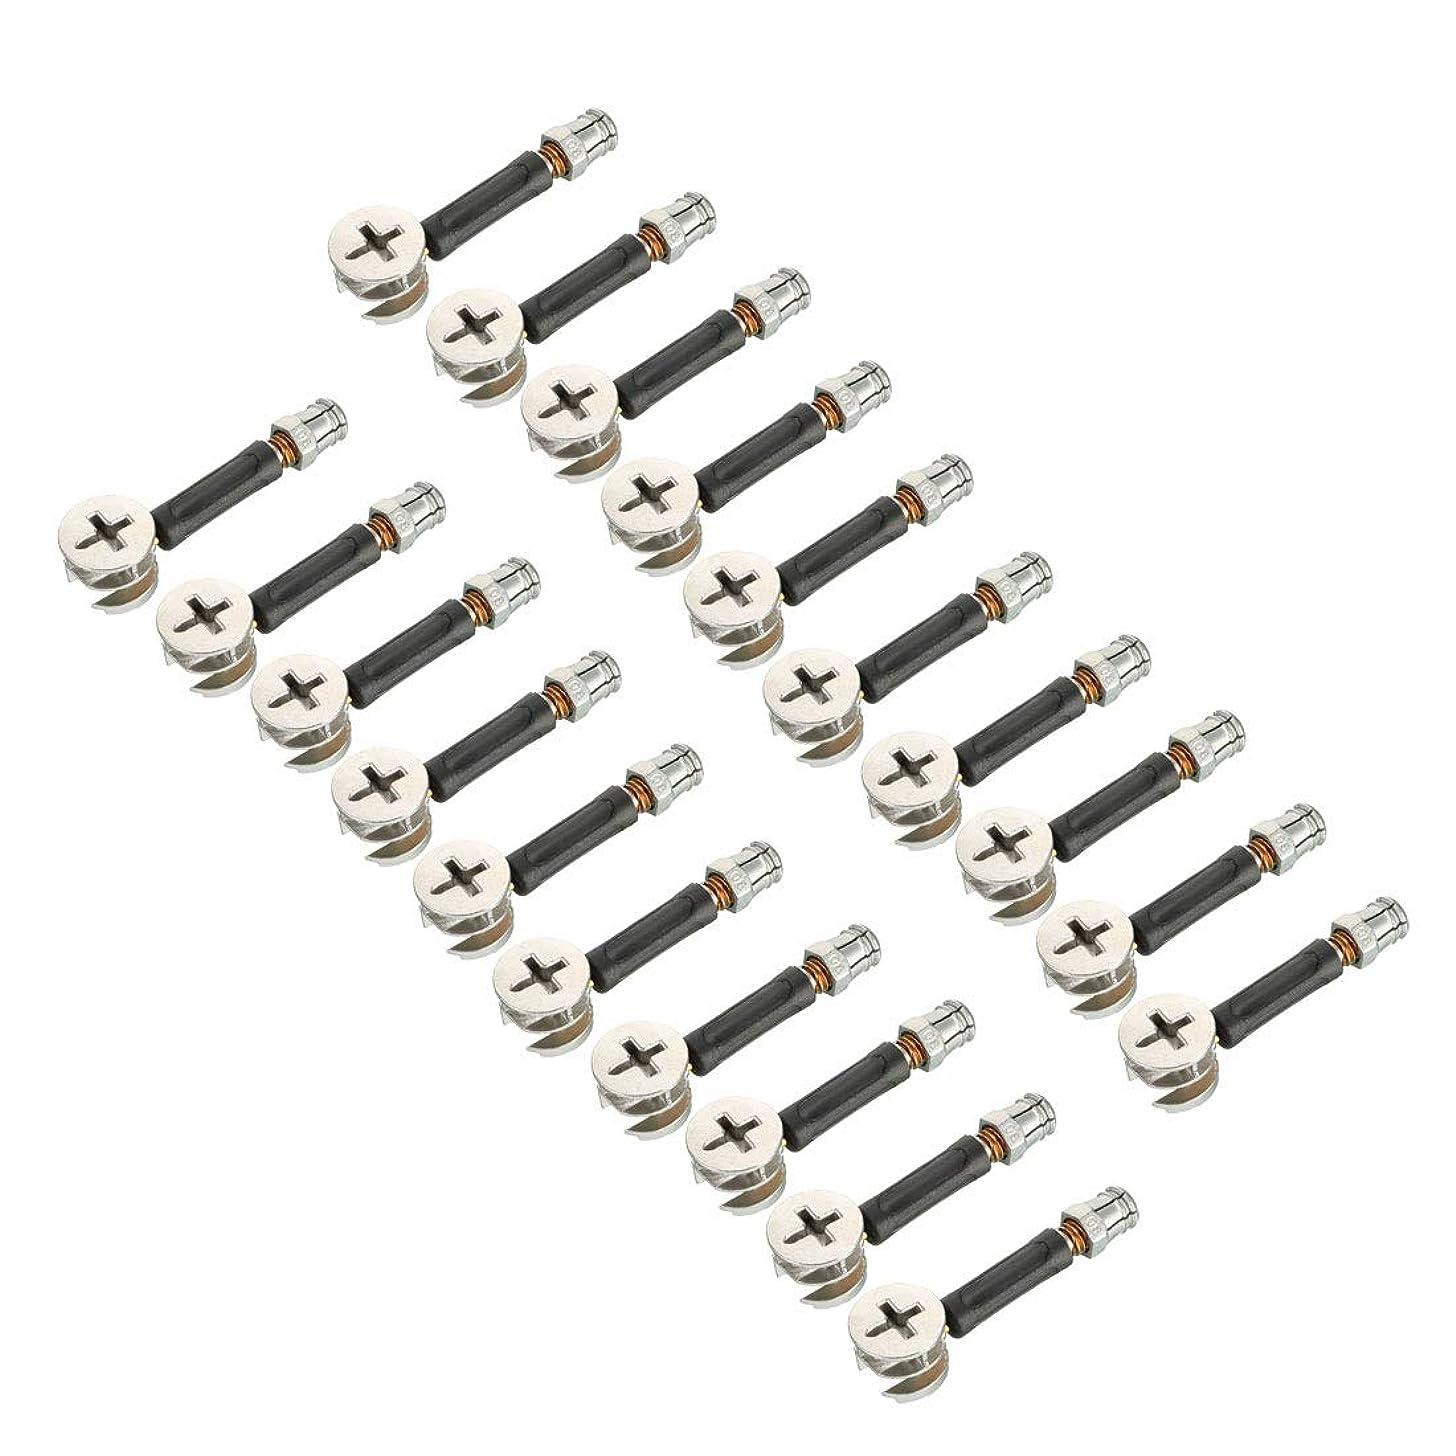 区別修正思慮のないuxcell 家具接続継手 家具カム継手 ジョイントコネクタ 外径15mm ダウエルプレ挿入ナット 20セット